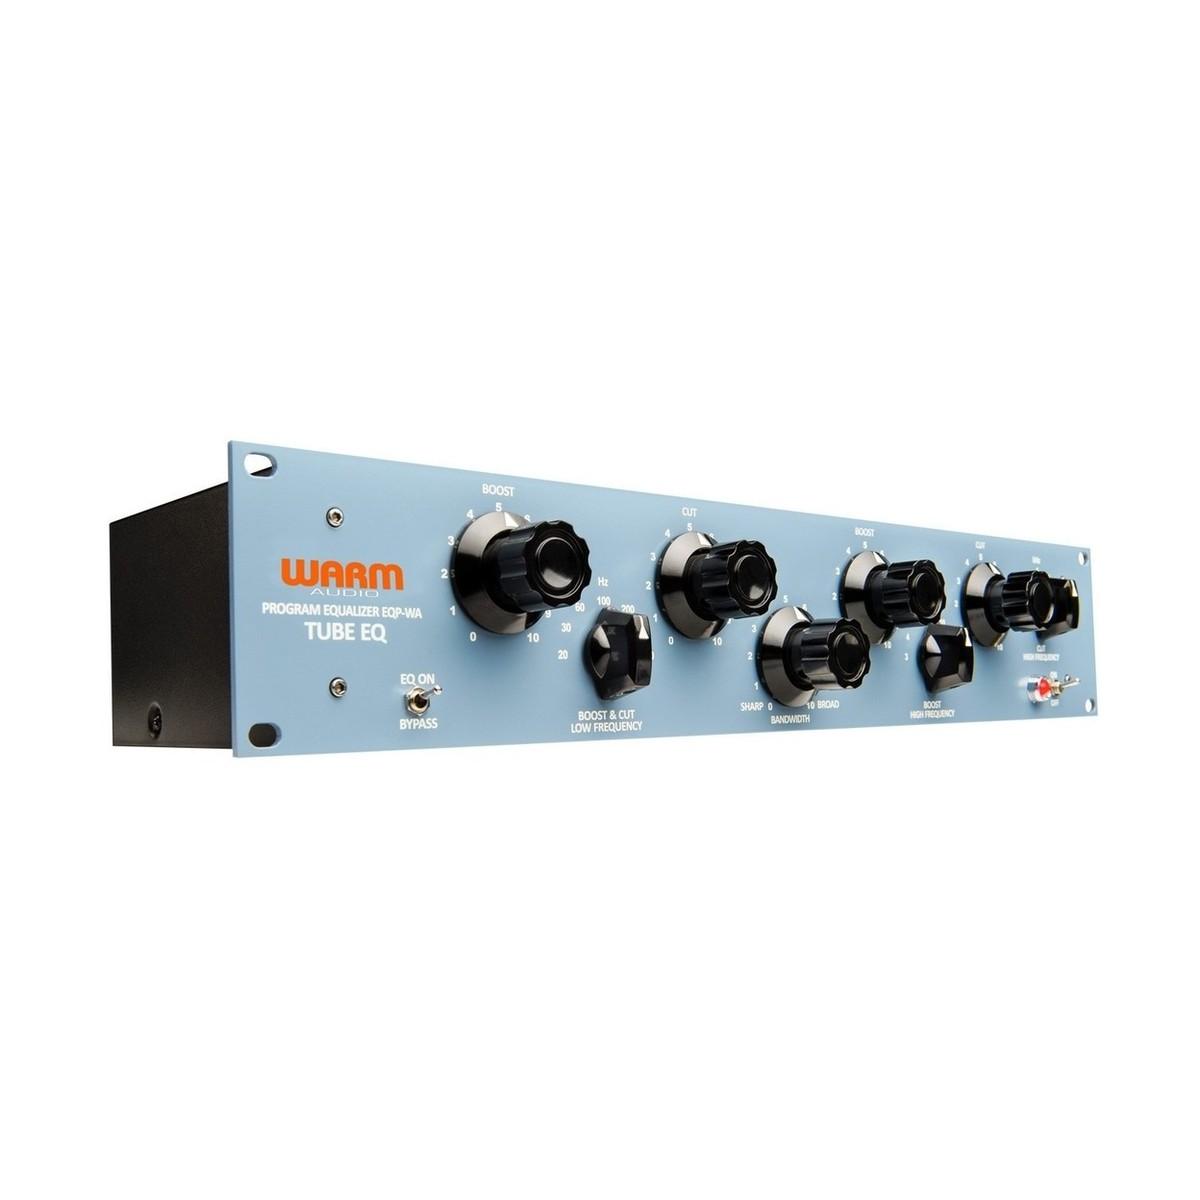 DISC Warm Audio EQP-WA Stereo EQ at Gear4music.com